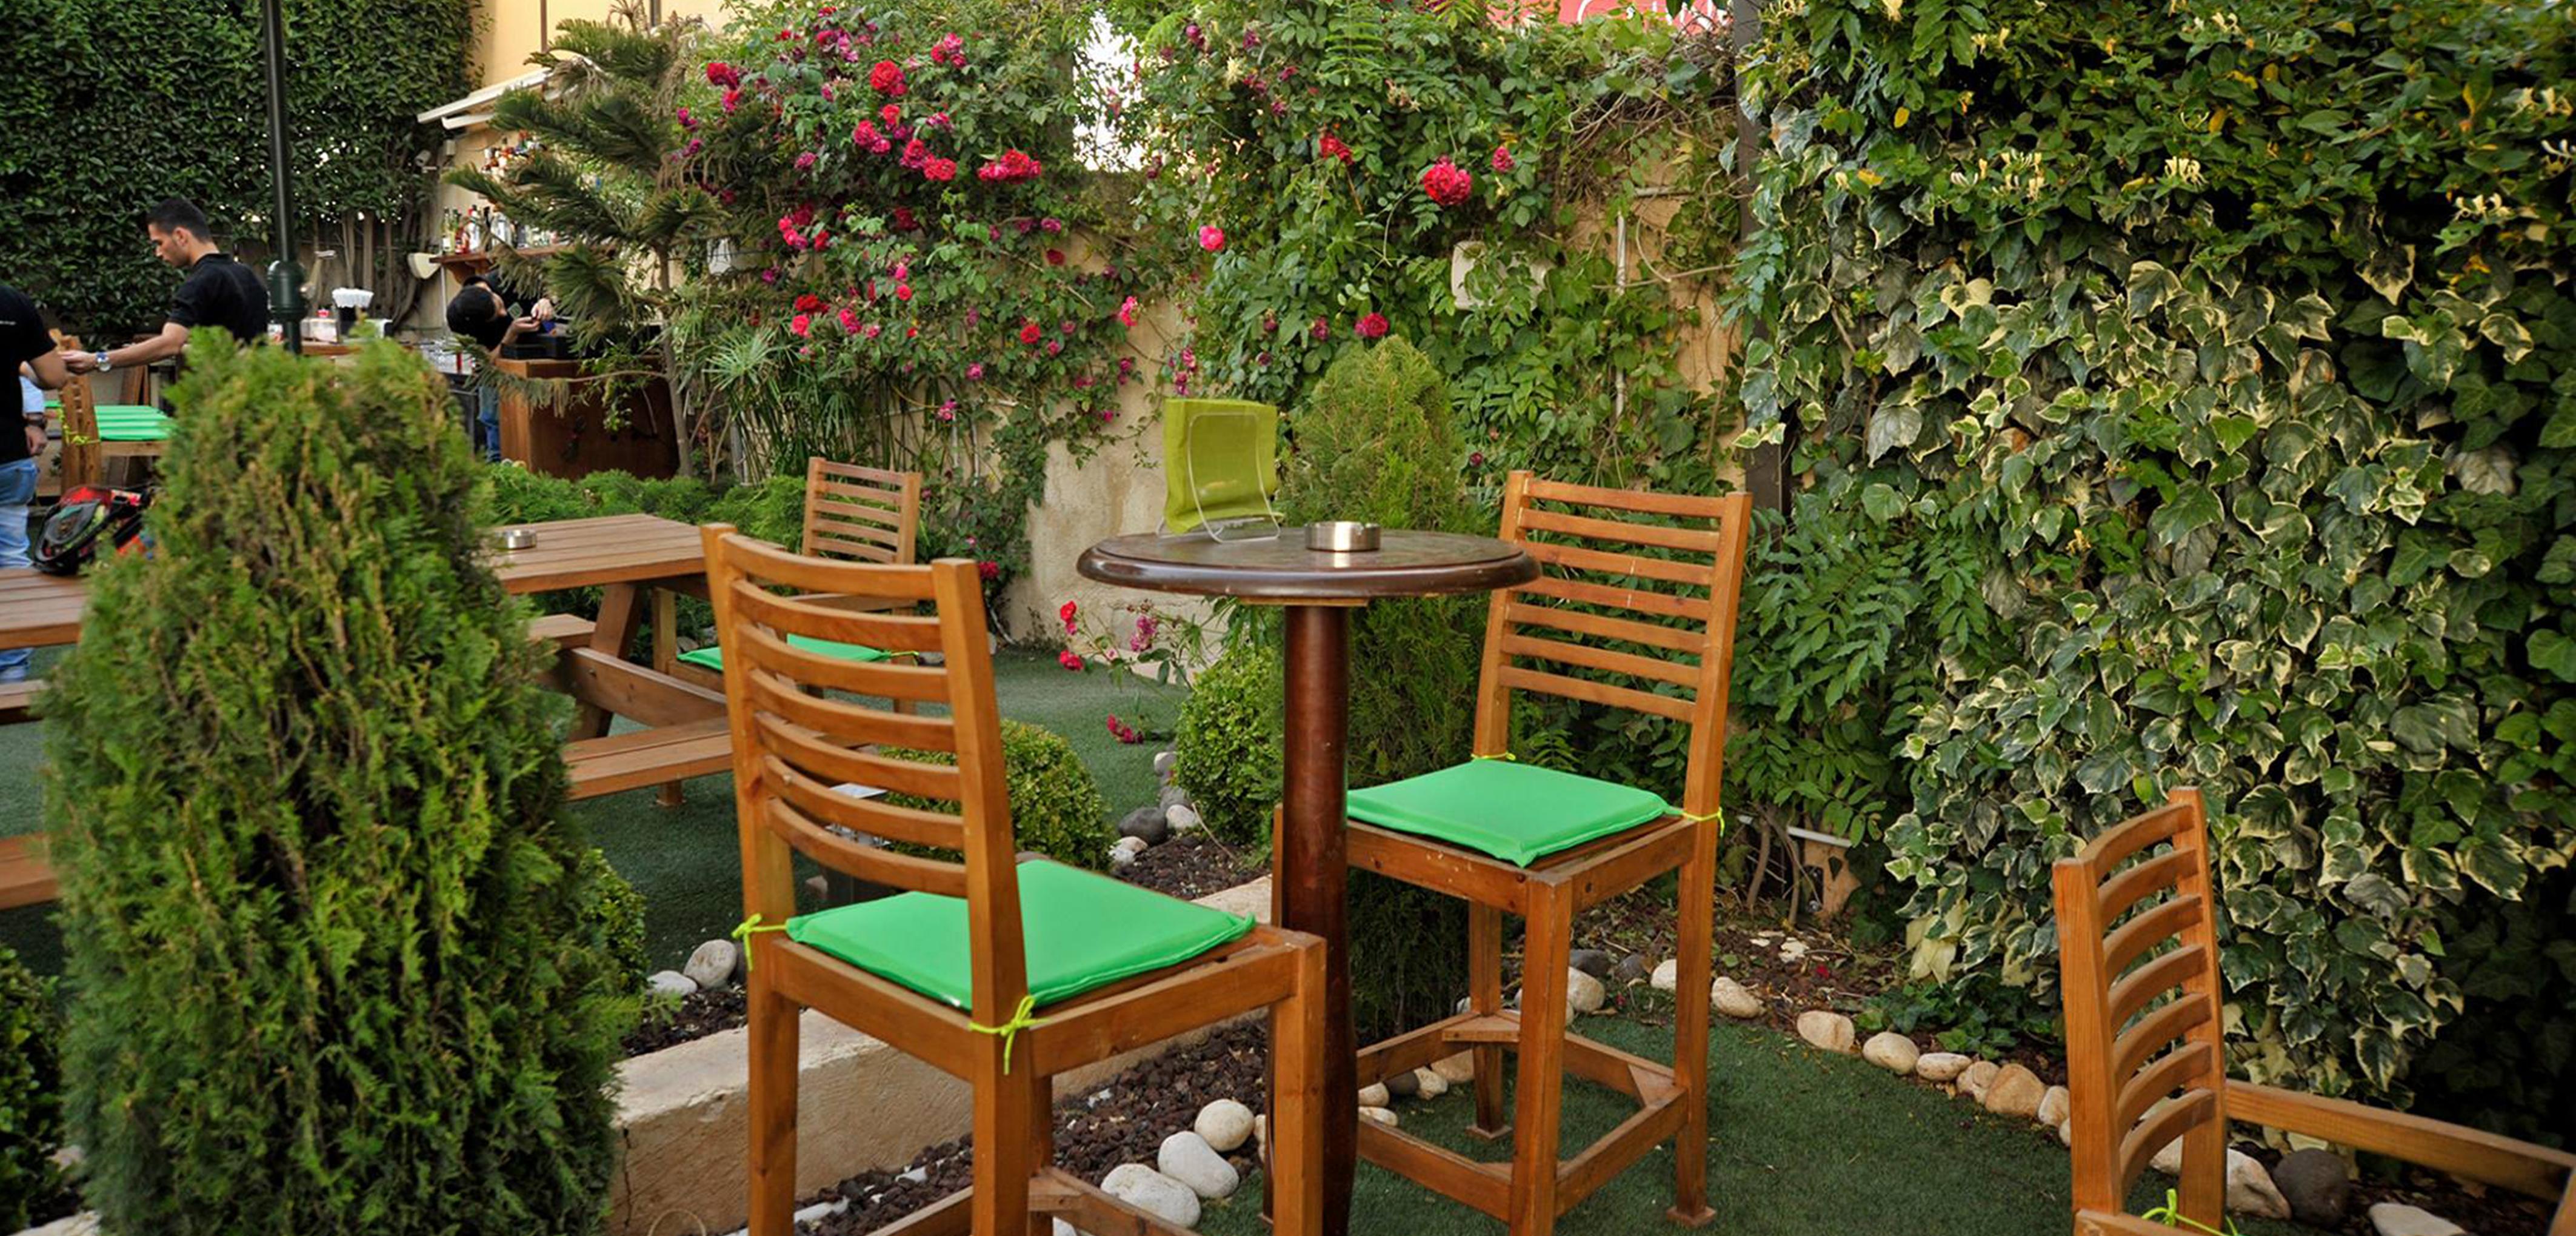 murphy's garden at the conroy boutique hotel amman jordan